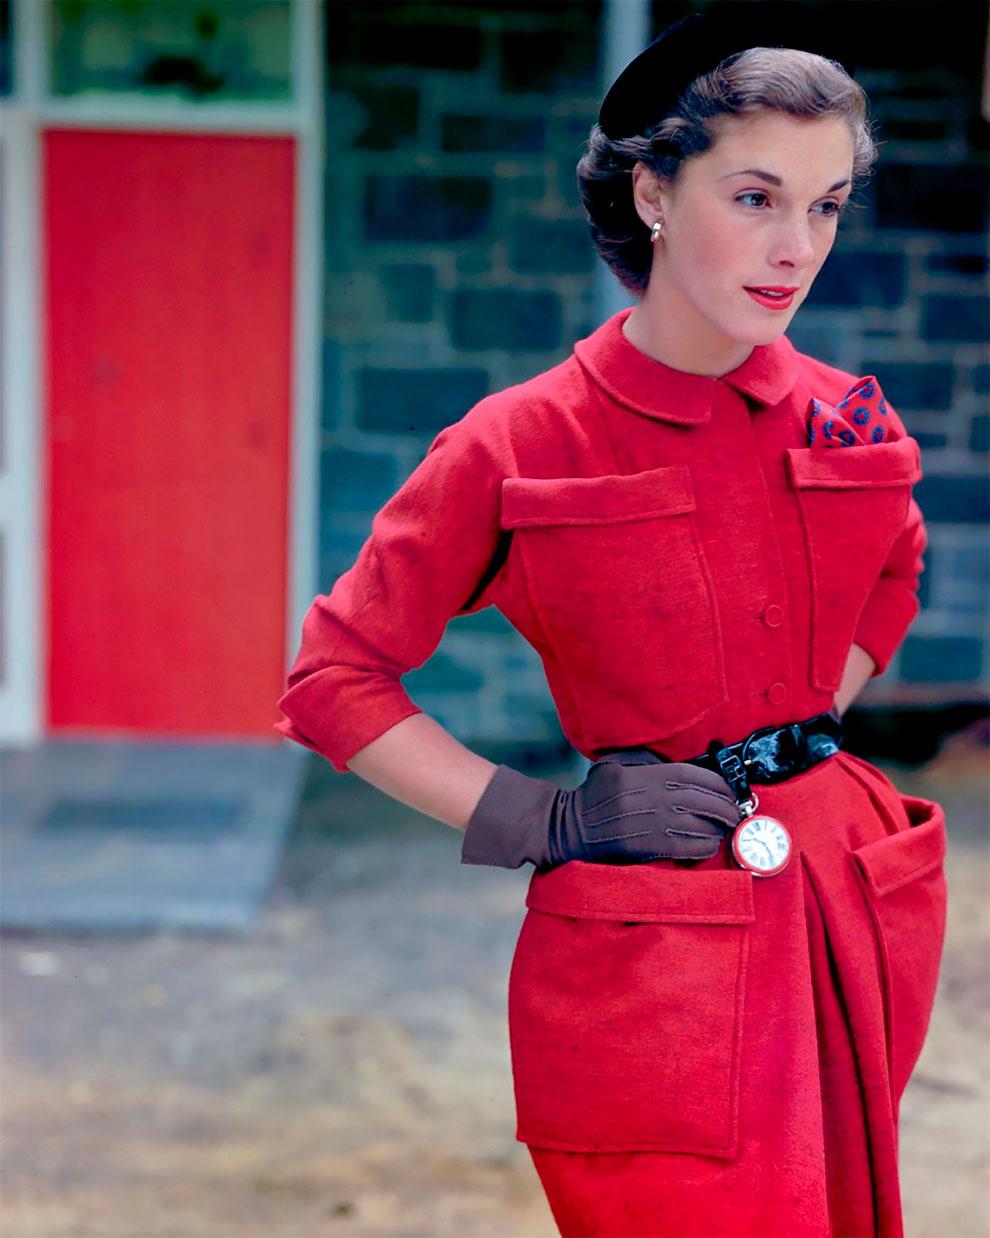 В потрясающих цветах фото Женевьевы Нейлор, 1945-1959 (16).jpg